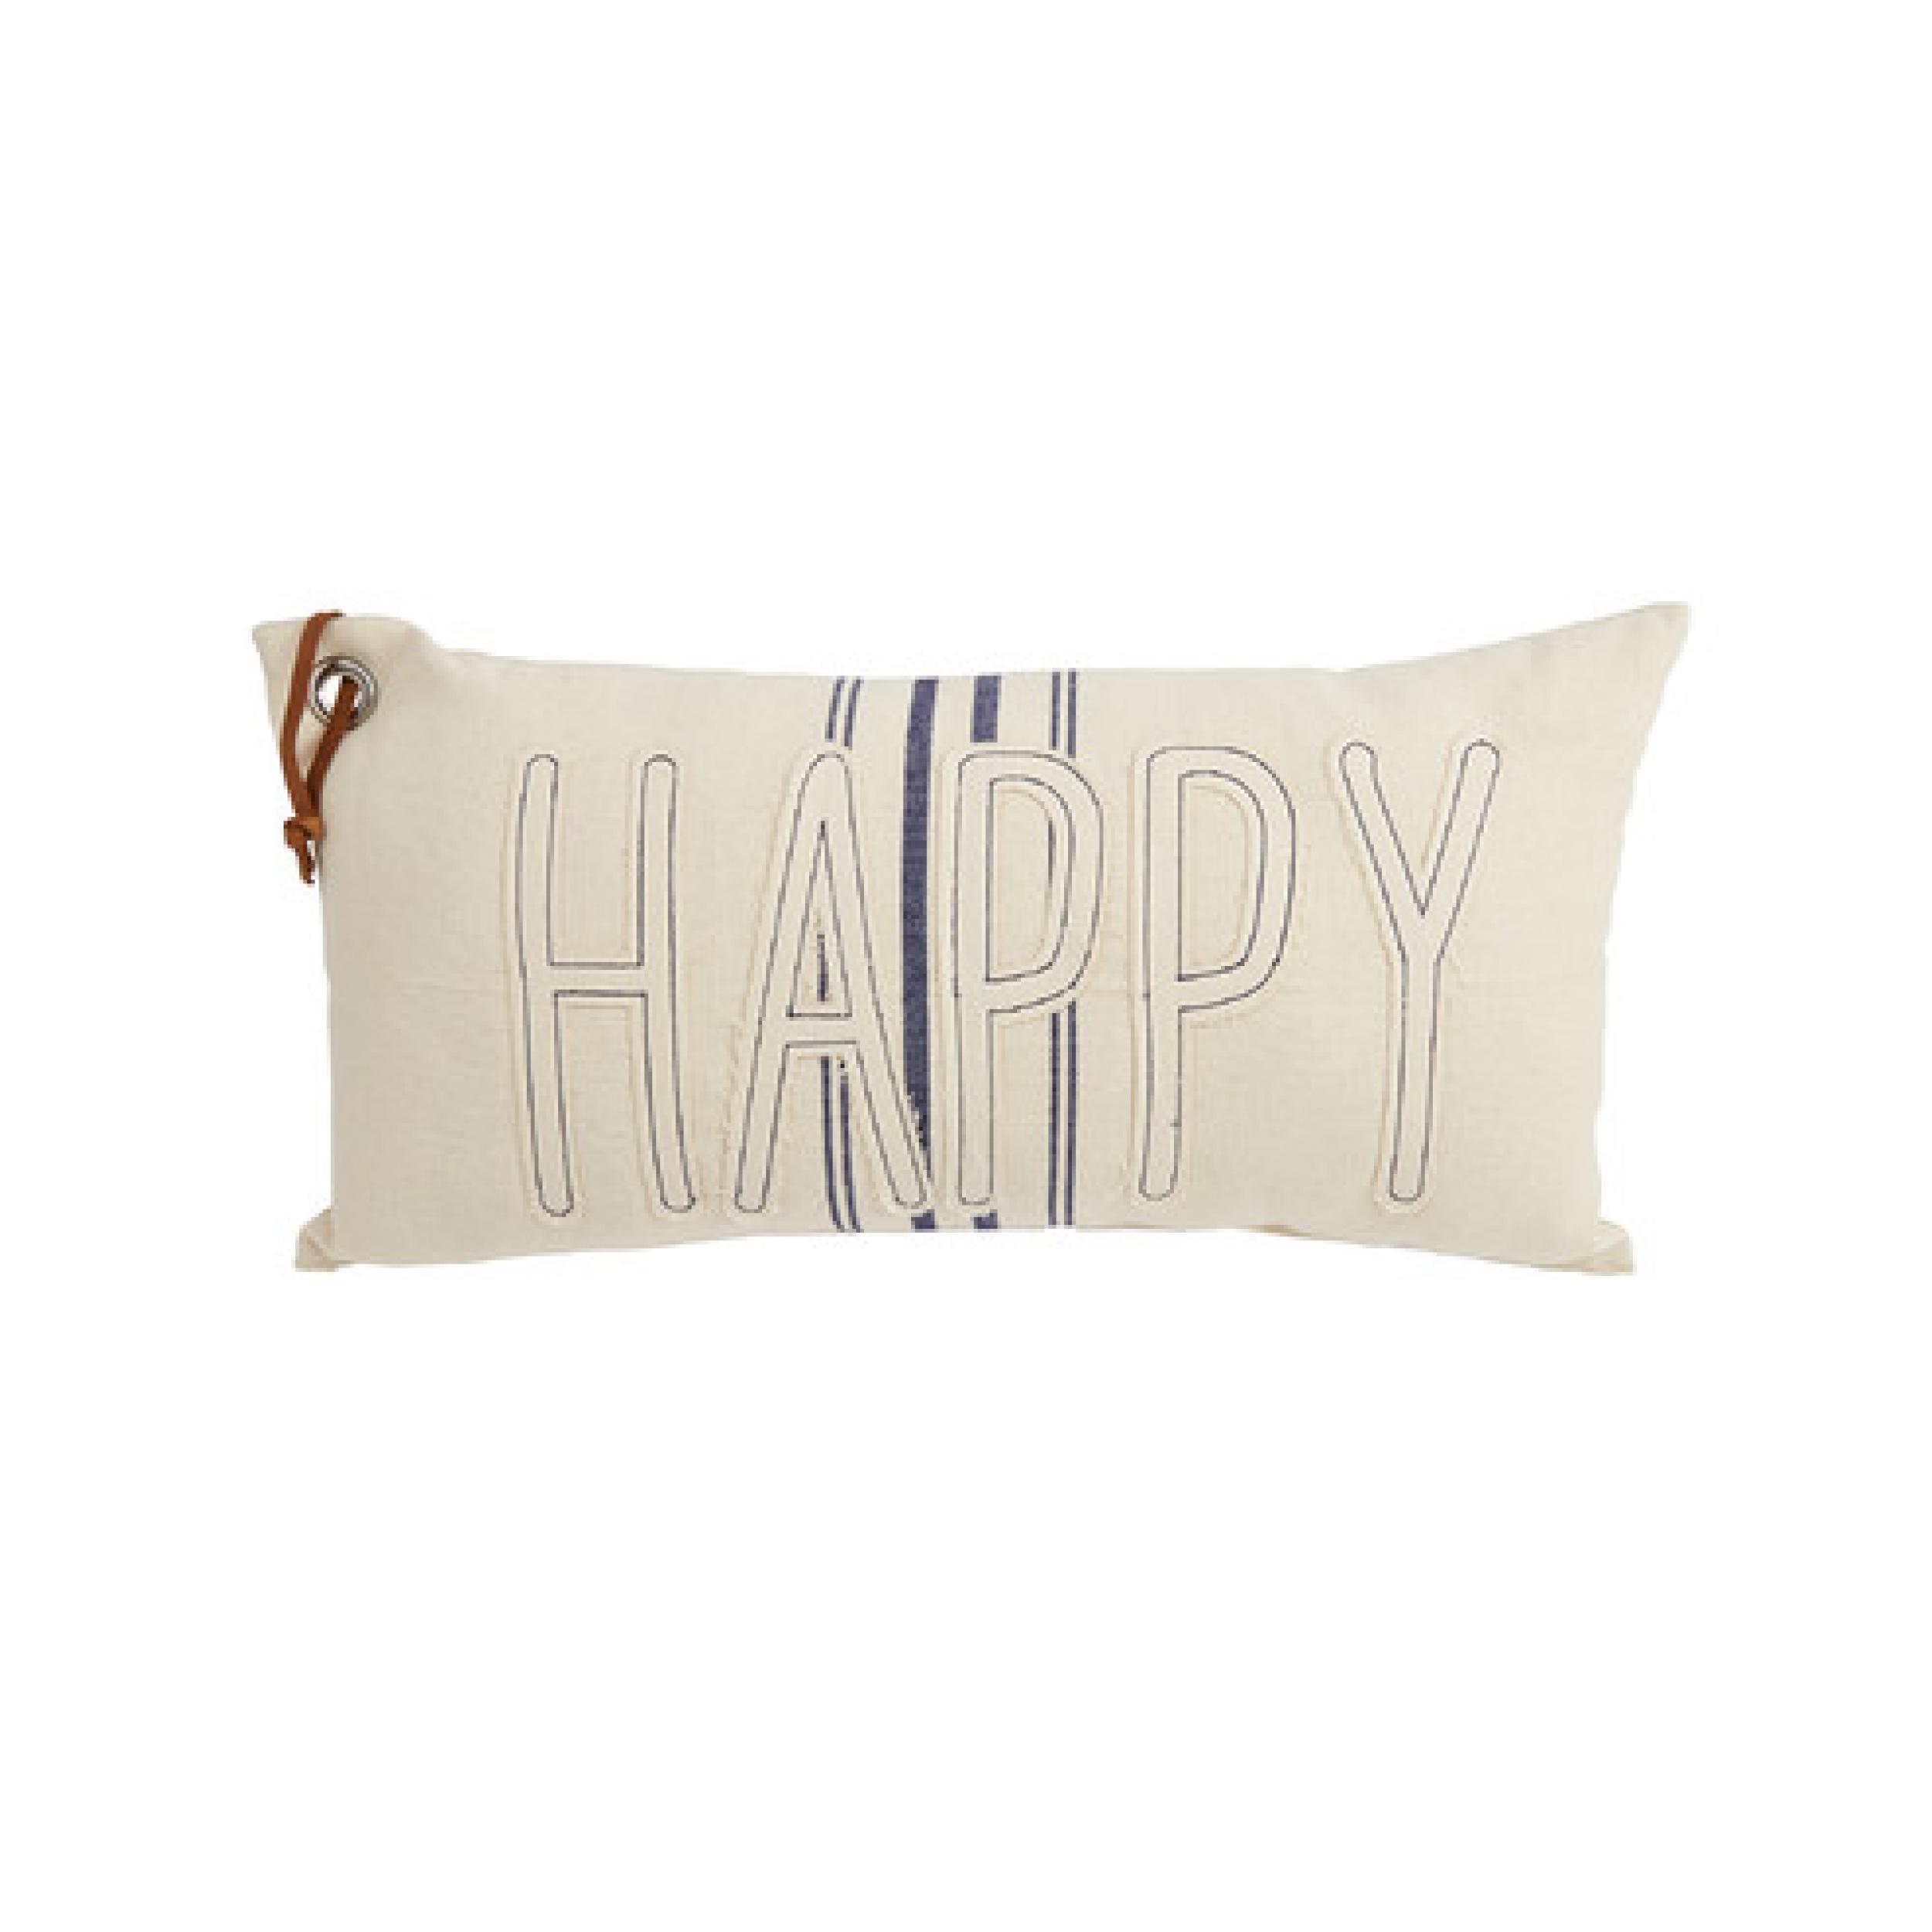 Mud Pie Happy Grain Sack Pillow $31.95   Wants 1 Has 1 Needs 0